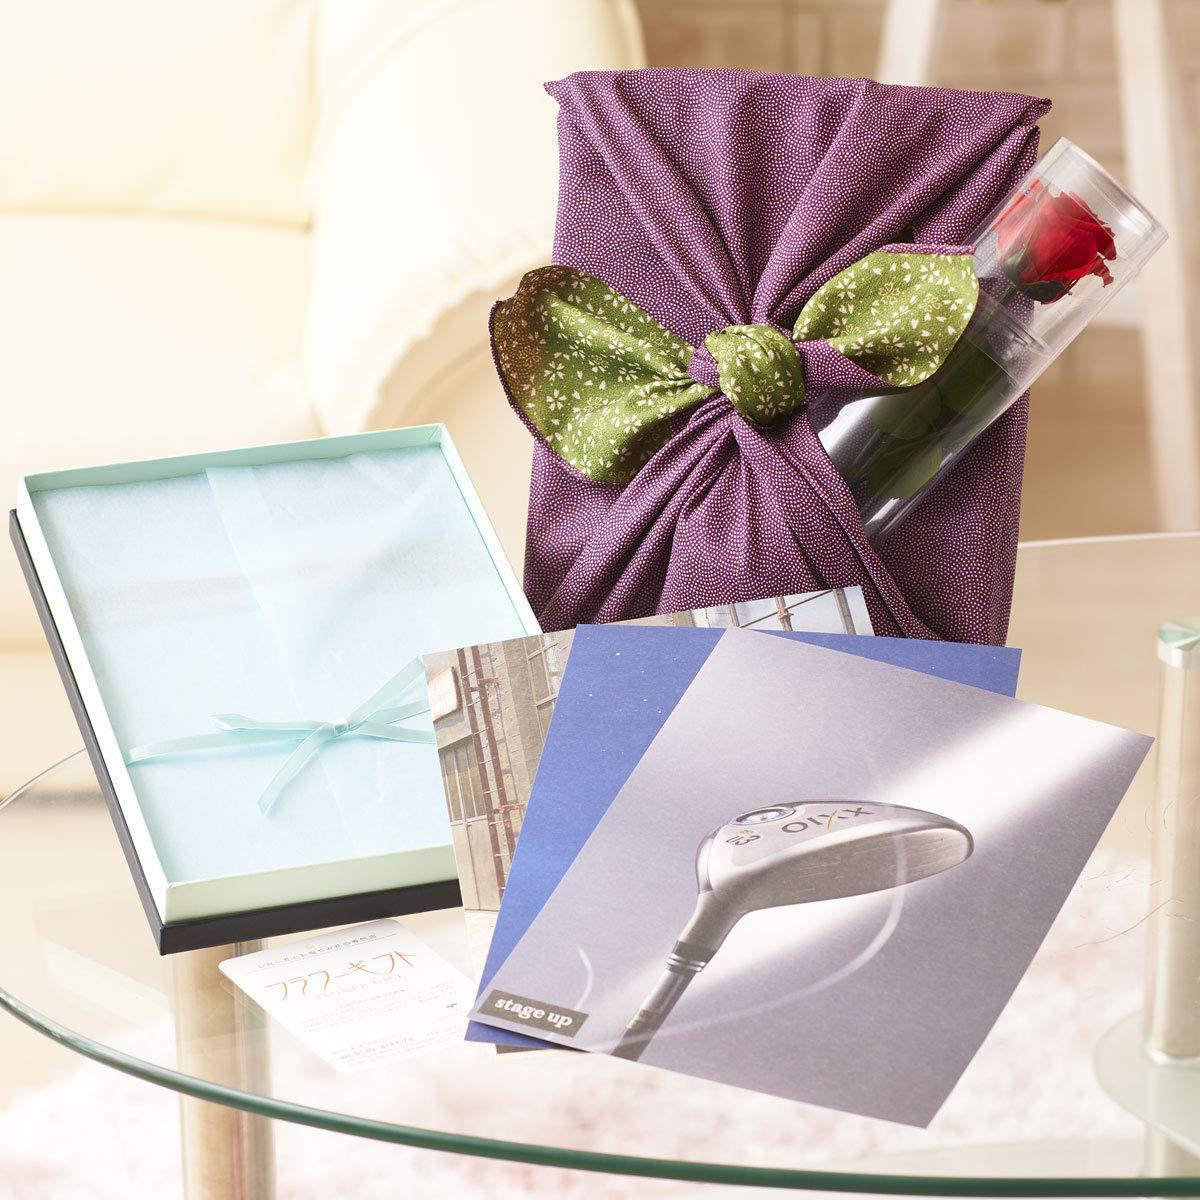 花とギフトのセット ステムローズと高級カタログギフト(ステージアップ/ポールシャーナン)風呂敷(紫/グリーン) B07PC1VV87